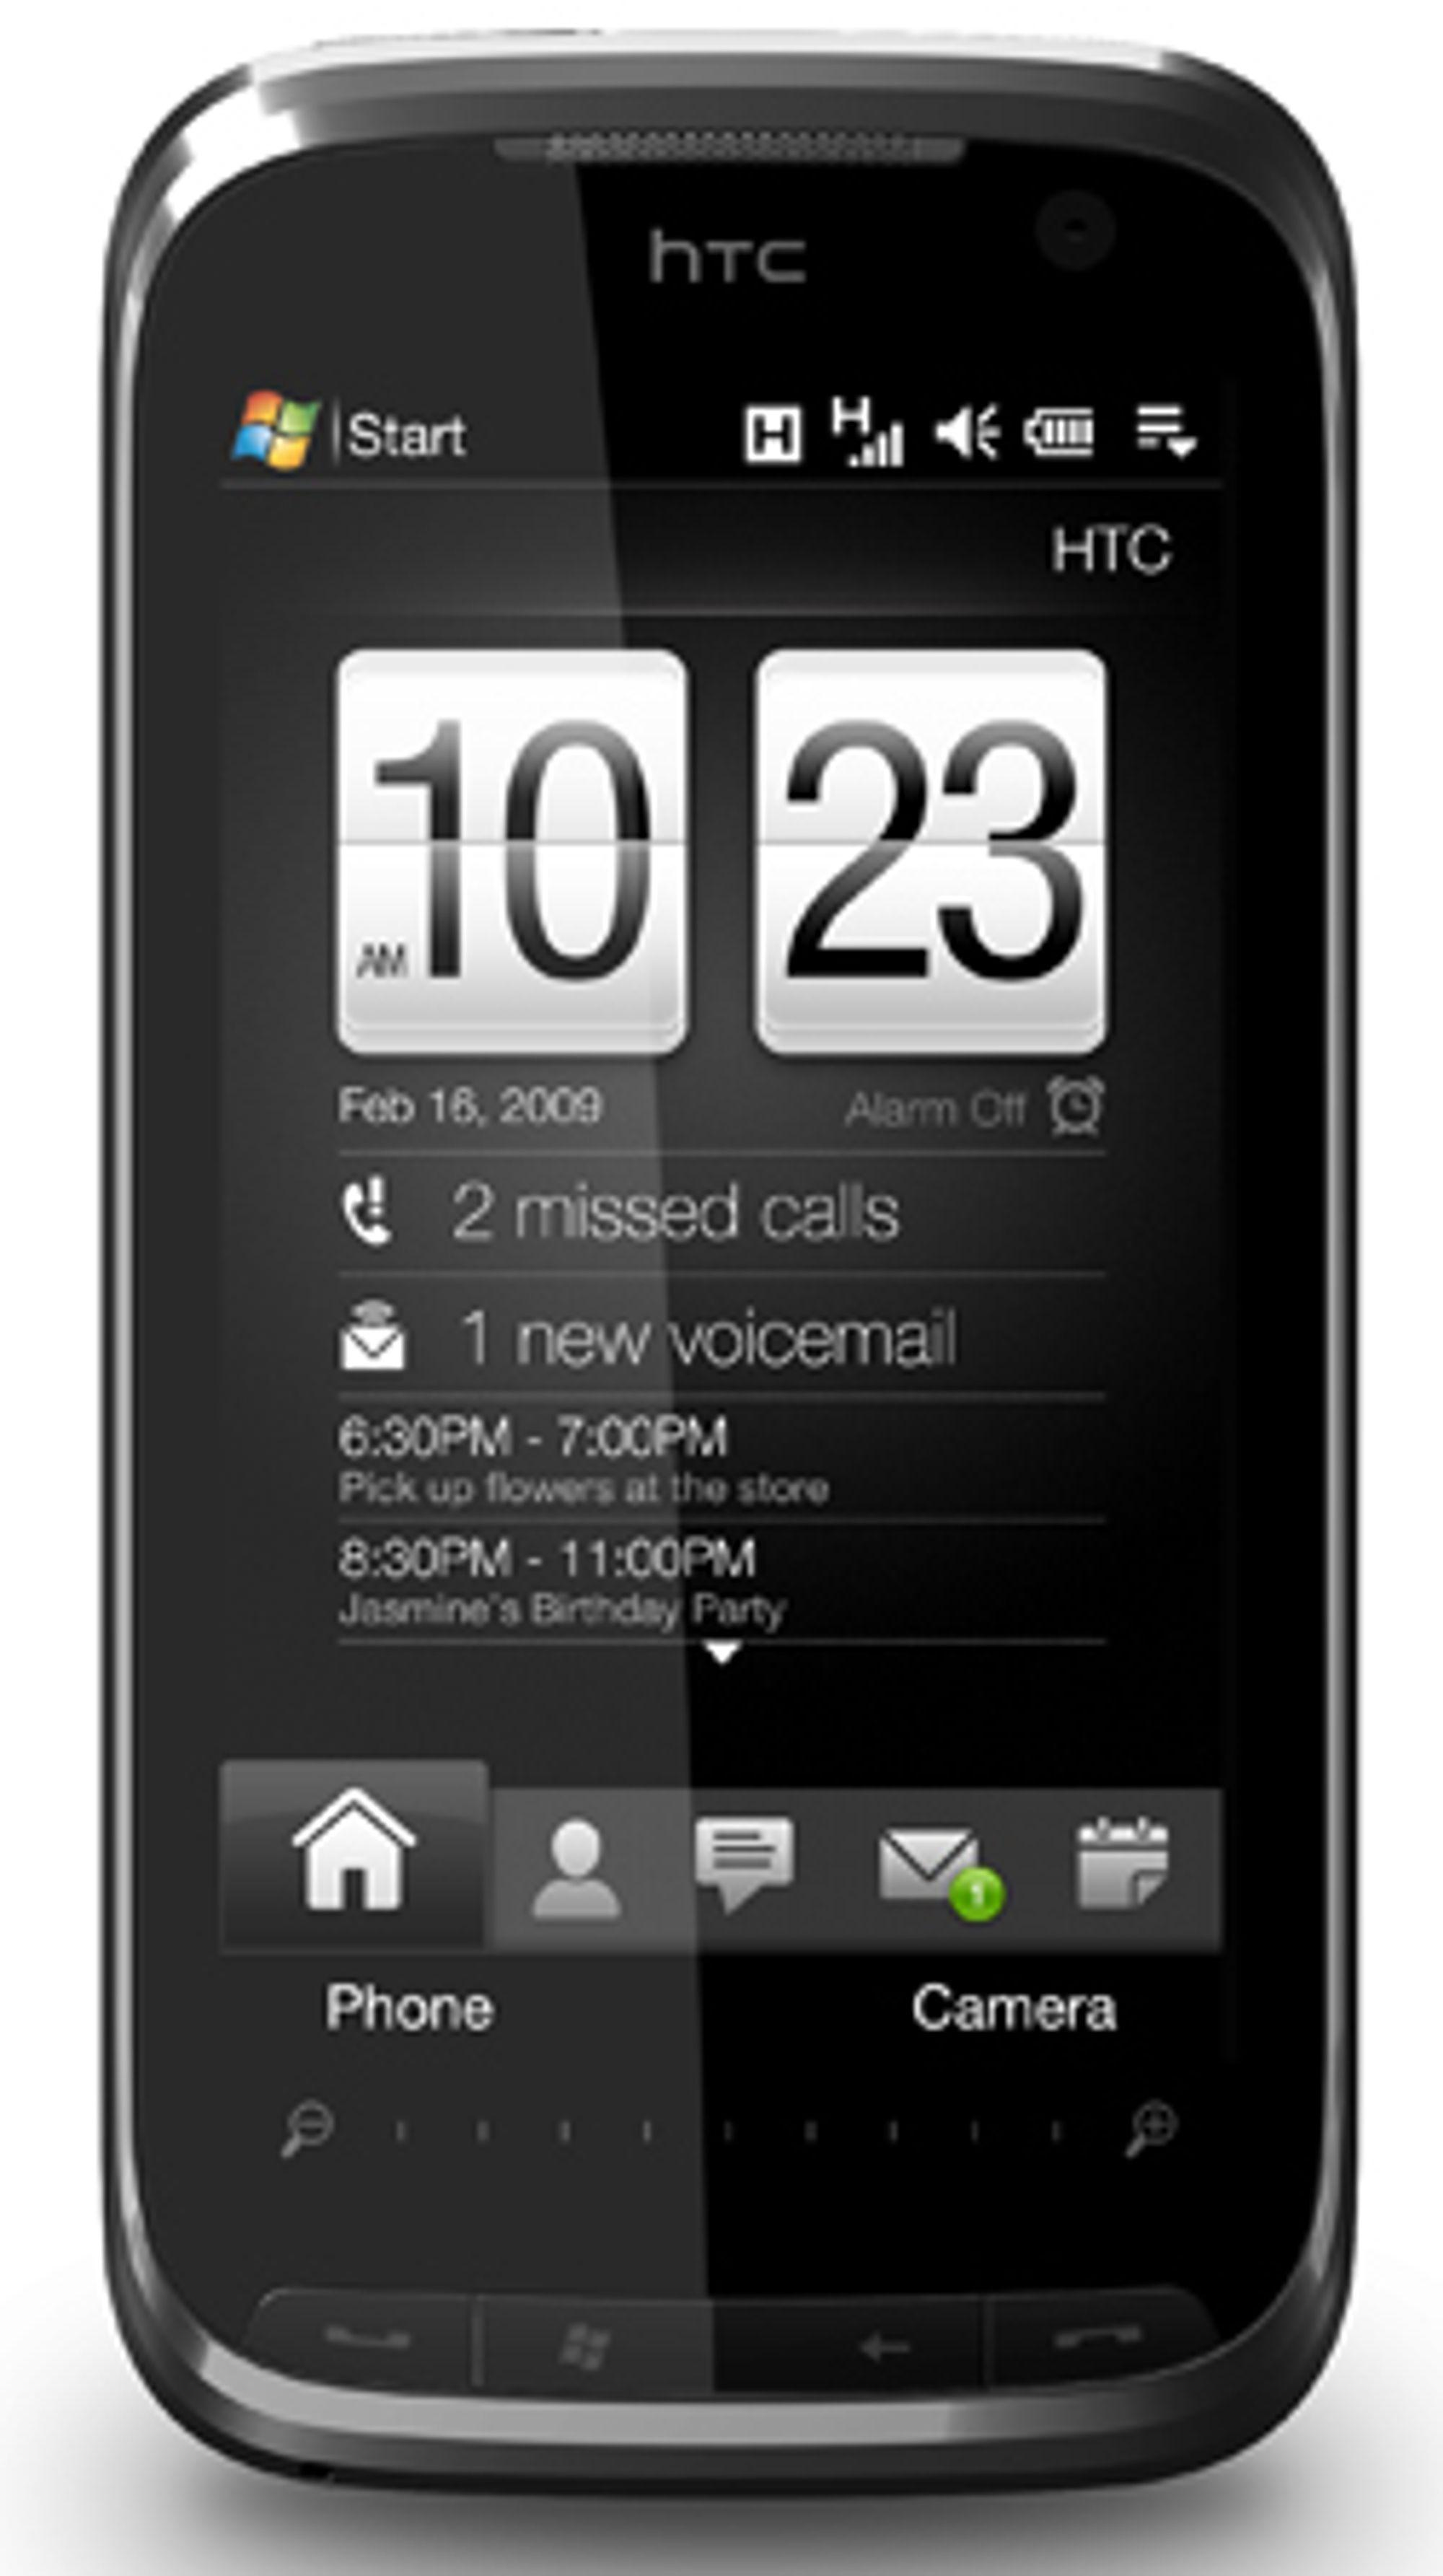 Touch Pro 2 er utstyrt med den nye kalenderfunksjonen, sammen med Touch Diamond 2.